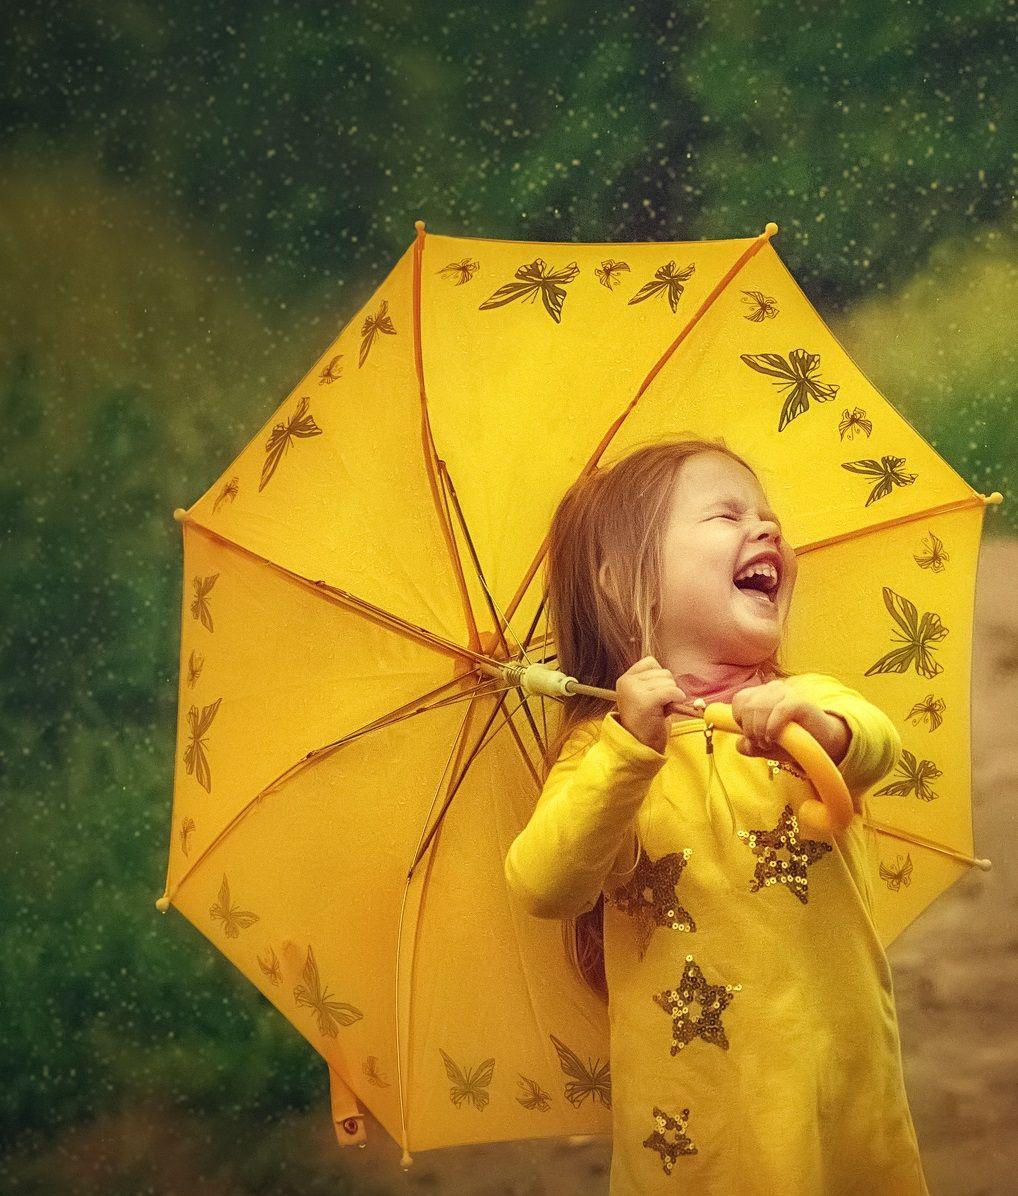 Картинки хорошее настроение в любую погоду девушки с каре